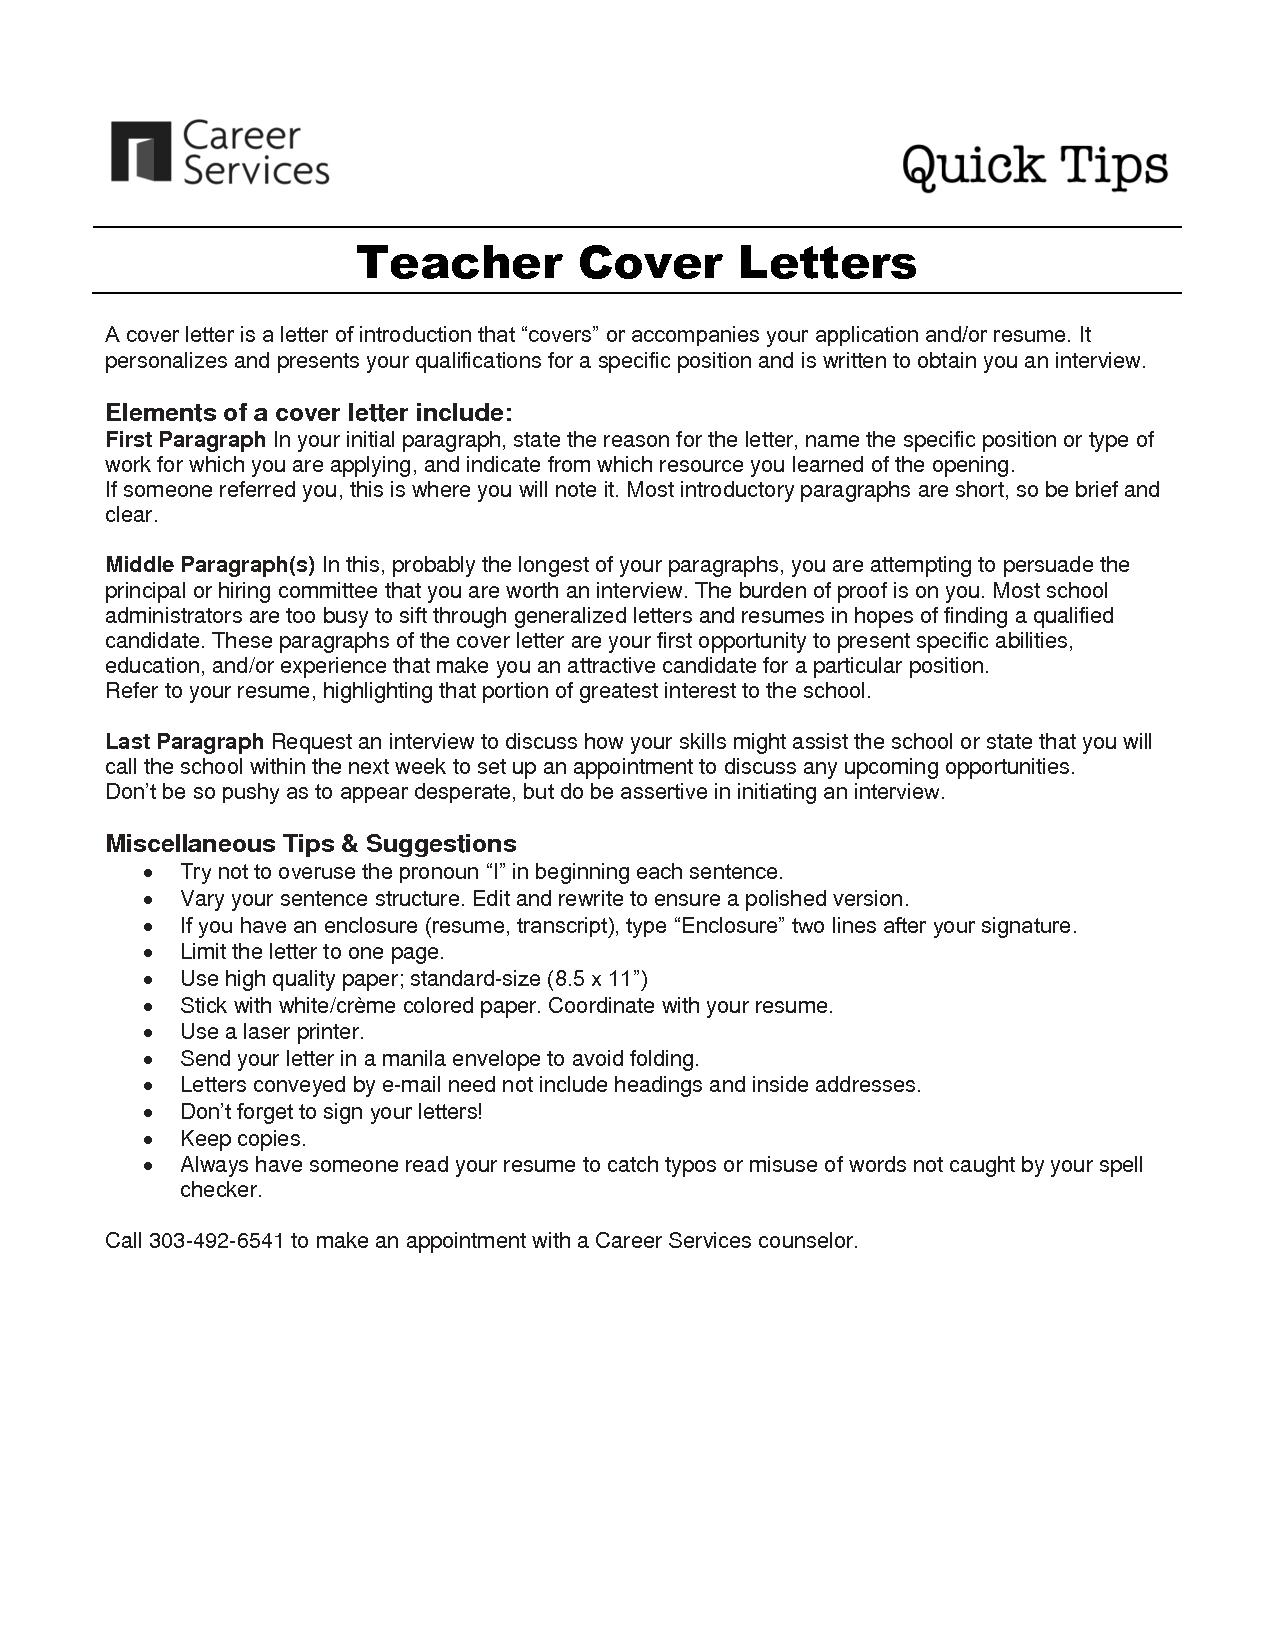 10 Ideal Summer Job Ideas For Teachers best ideas of first time teacher cover letter on teaching summer 2020